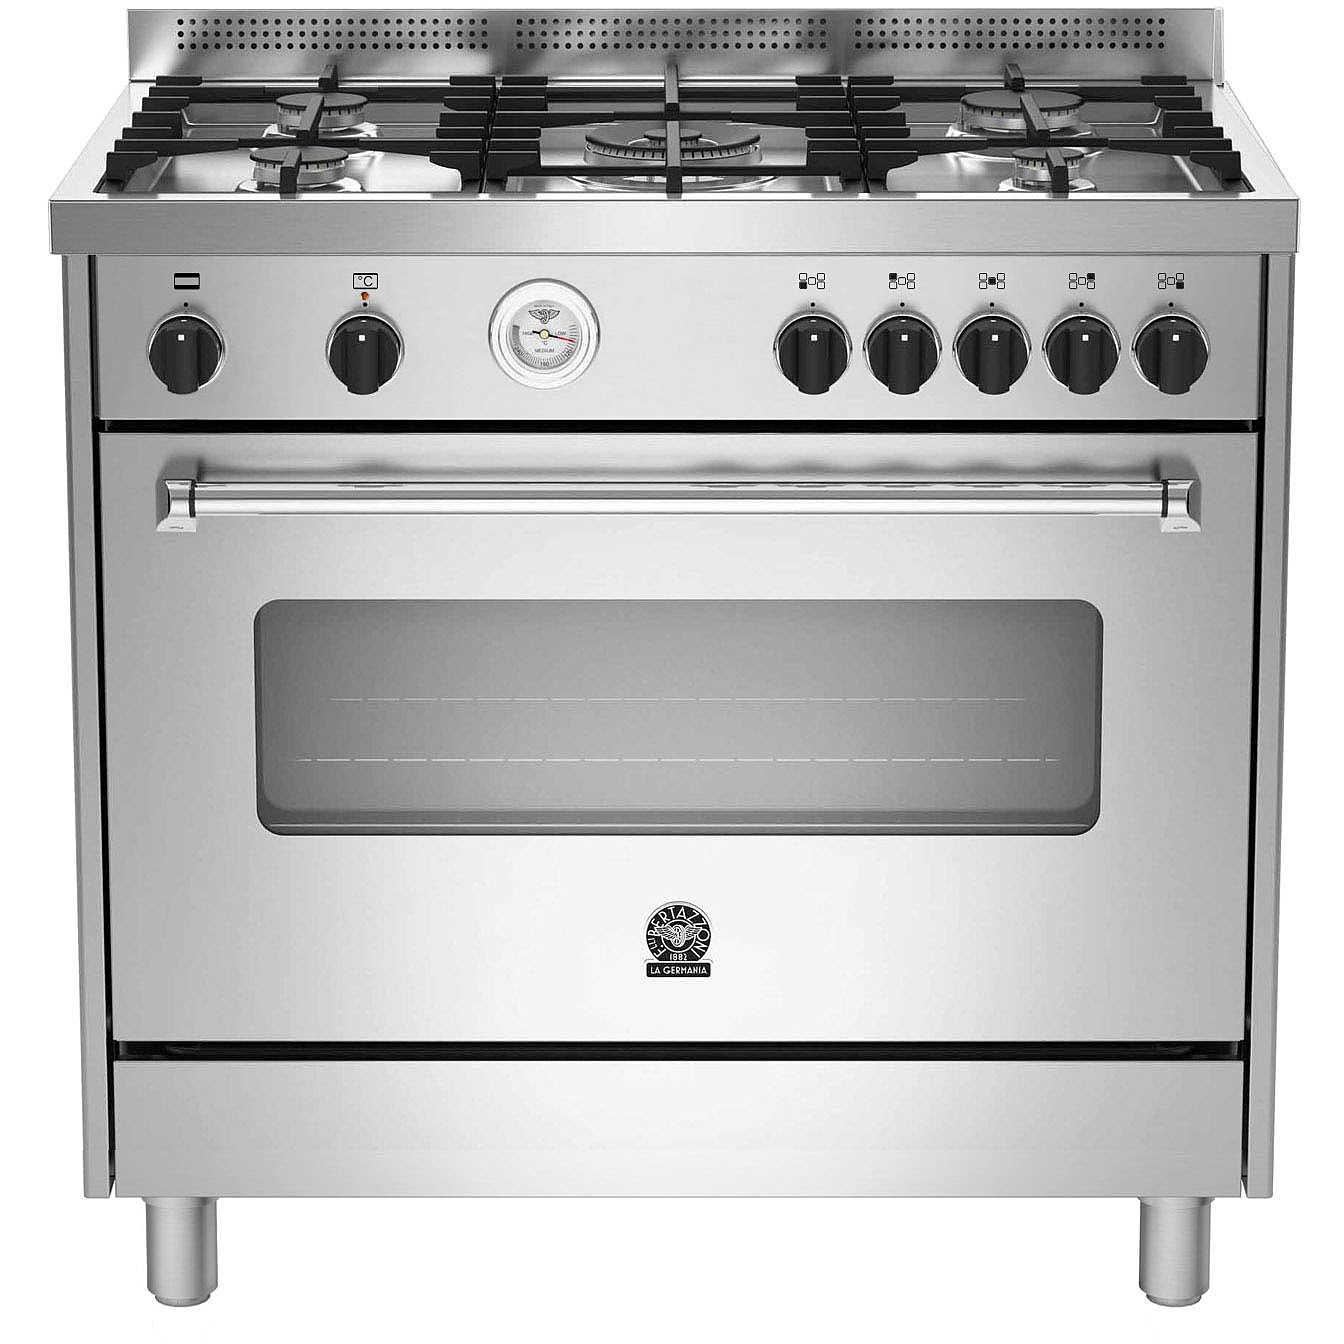 AMN905MFESXT La Germania cucina 90x60 5 fuochi a gas forno ...